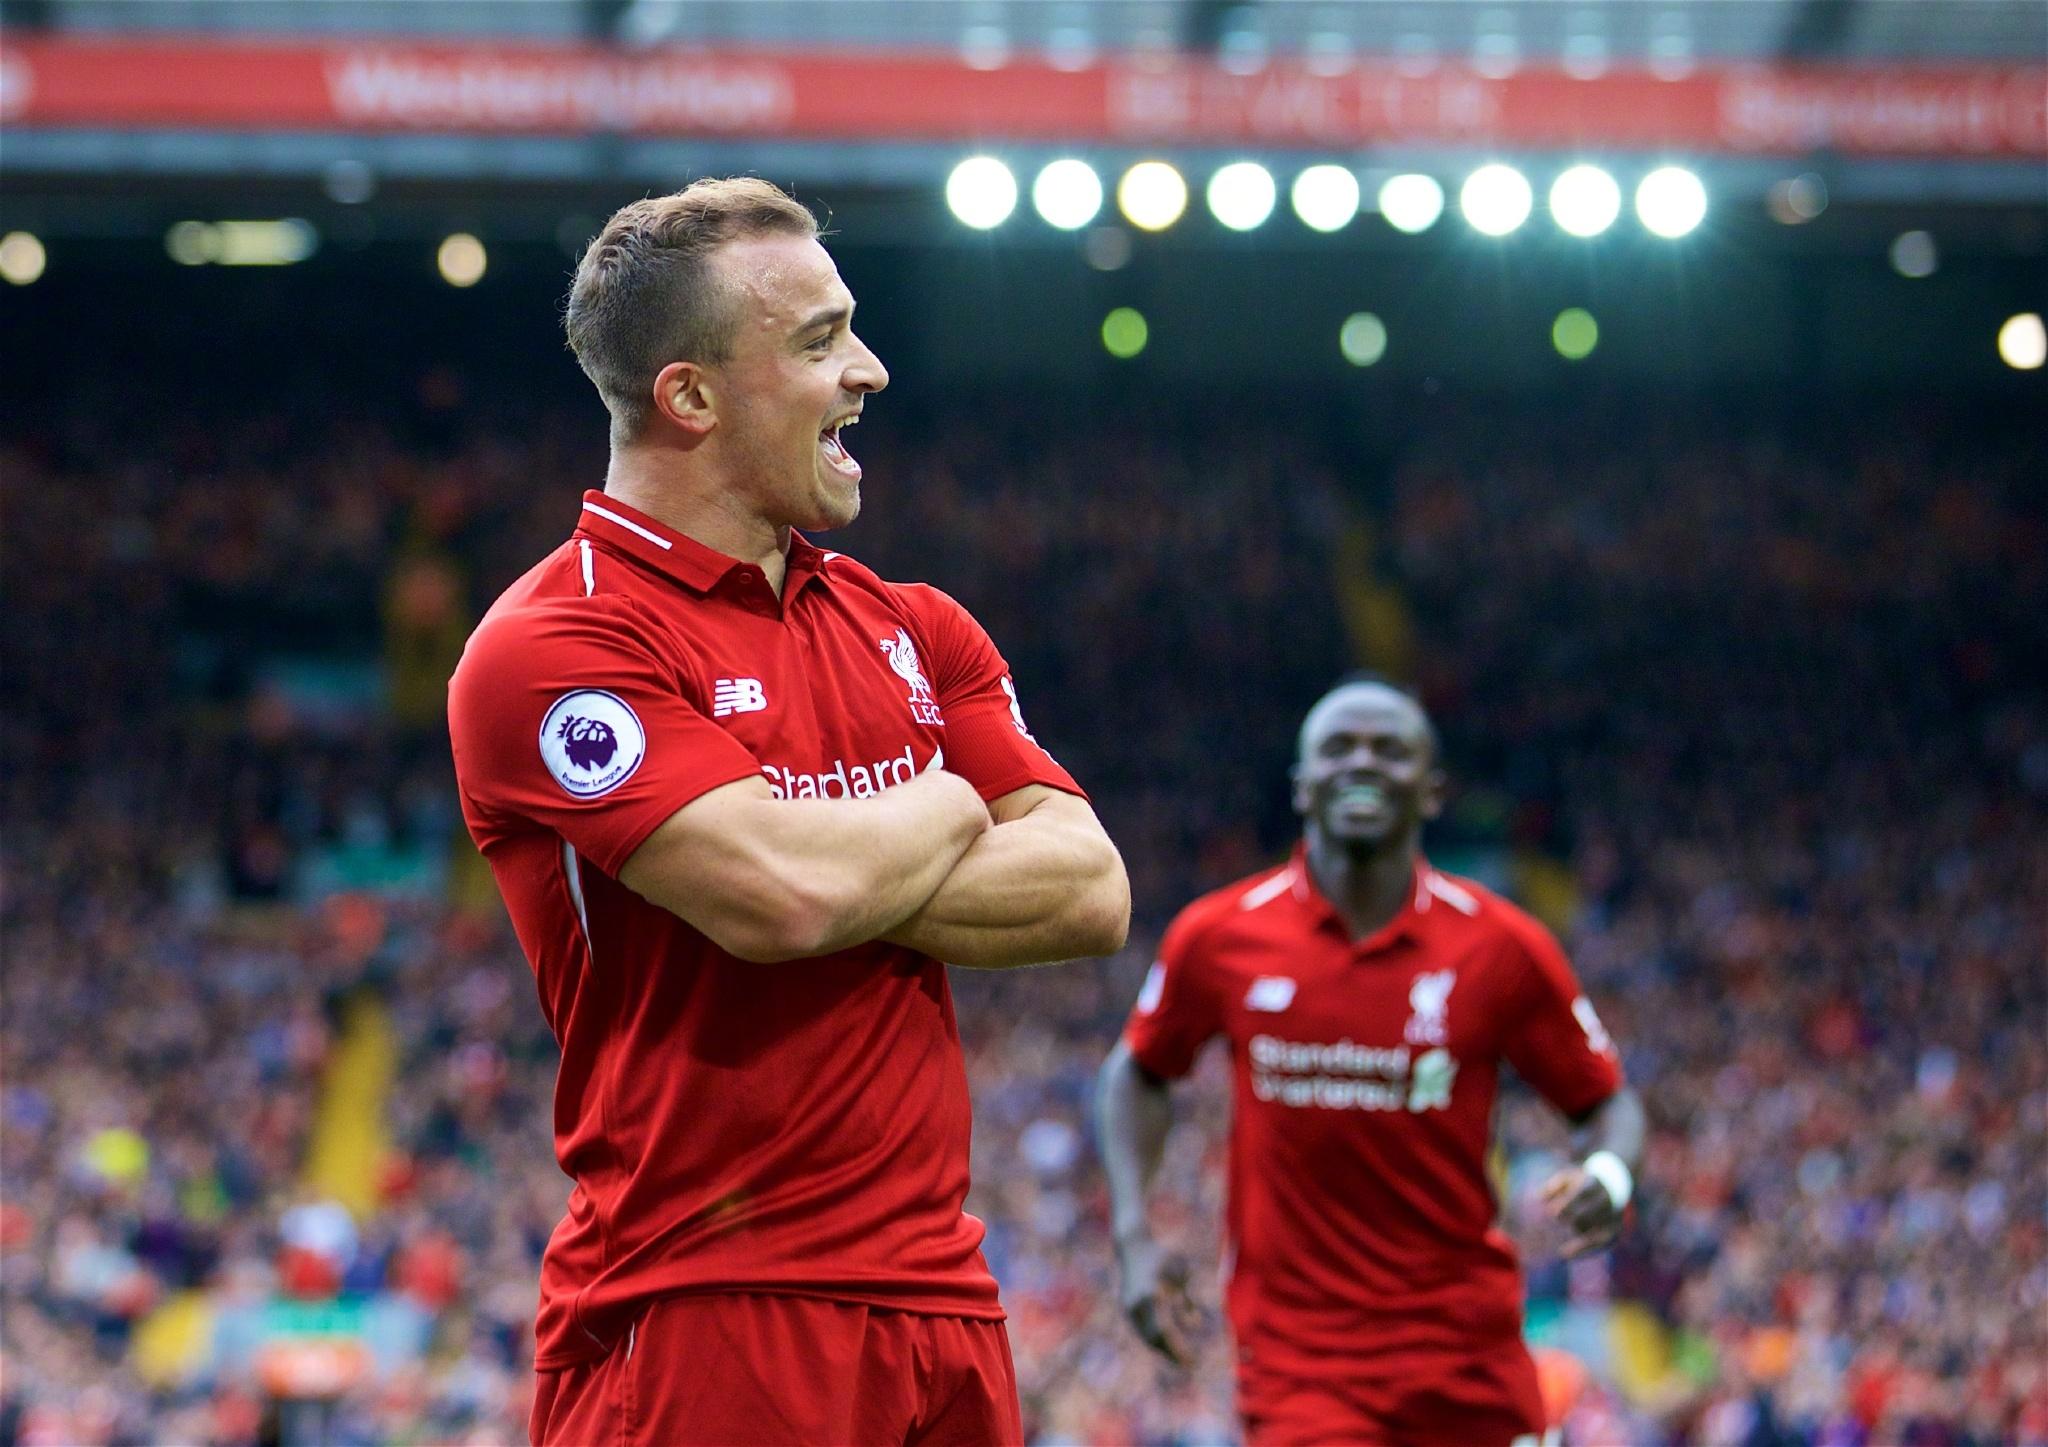 7连胜后利物浦连碰强敌或遇阻击,多线作战将检验球队成色